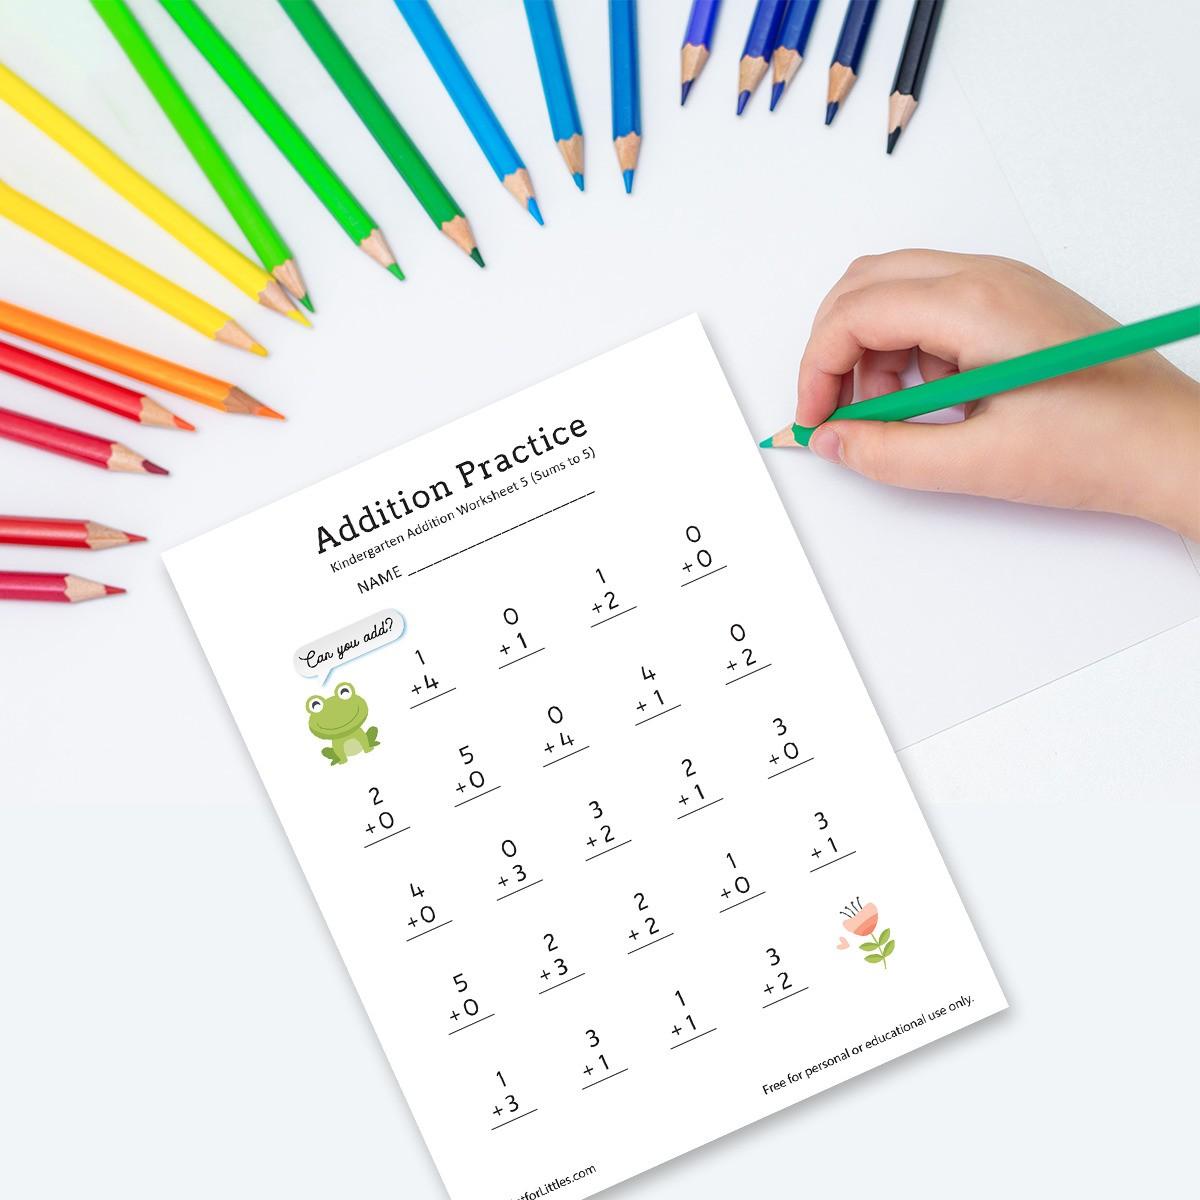 Number Addition Worksheets For Kindergarten And Preschool